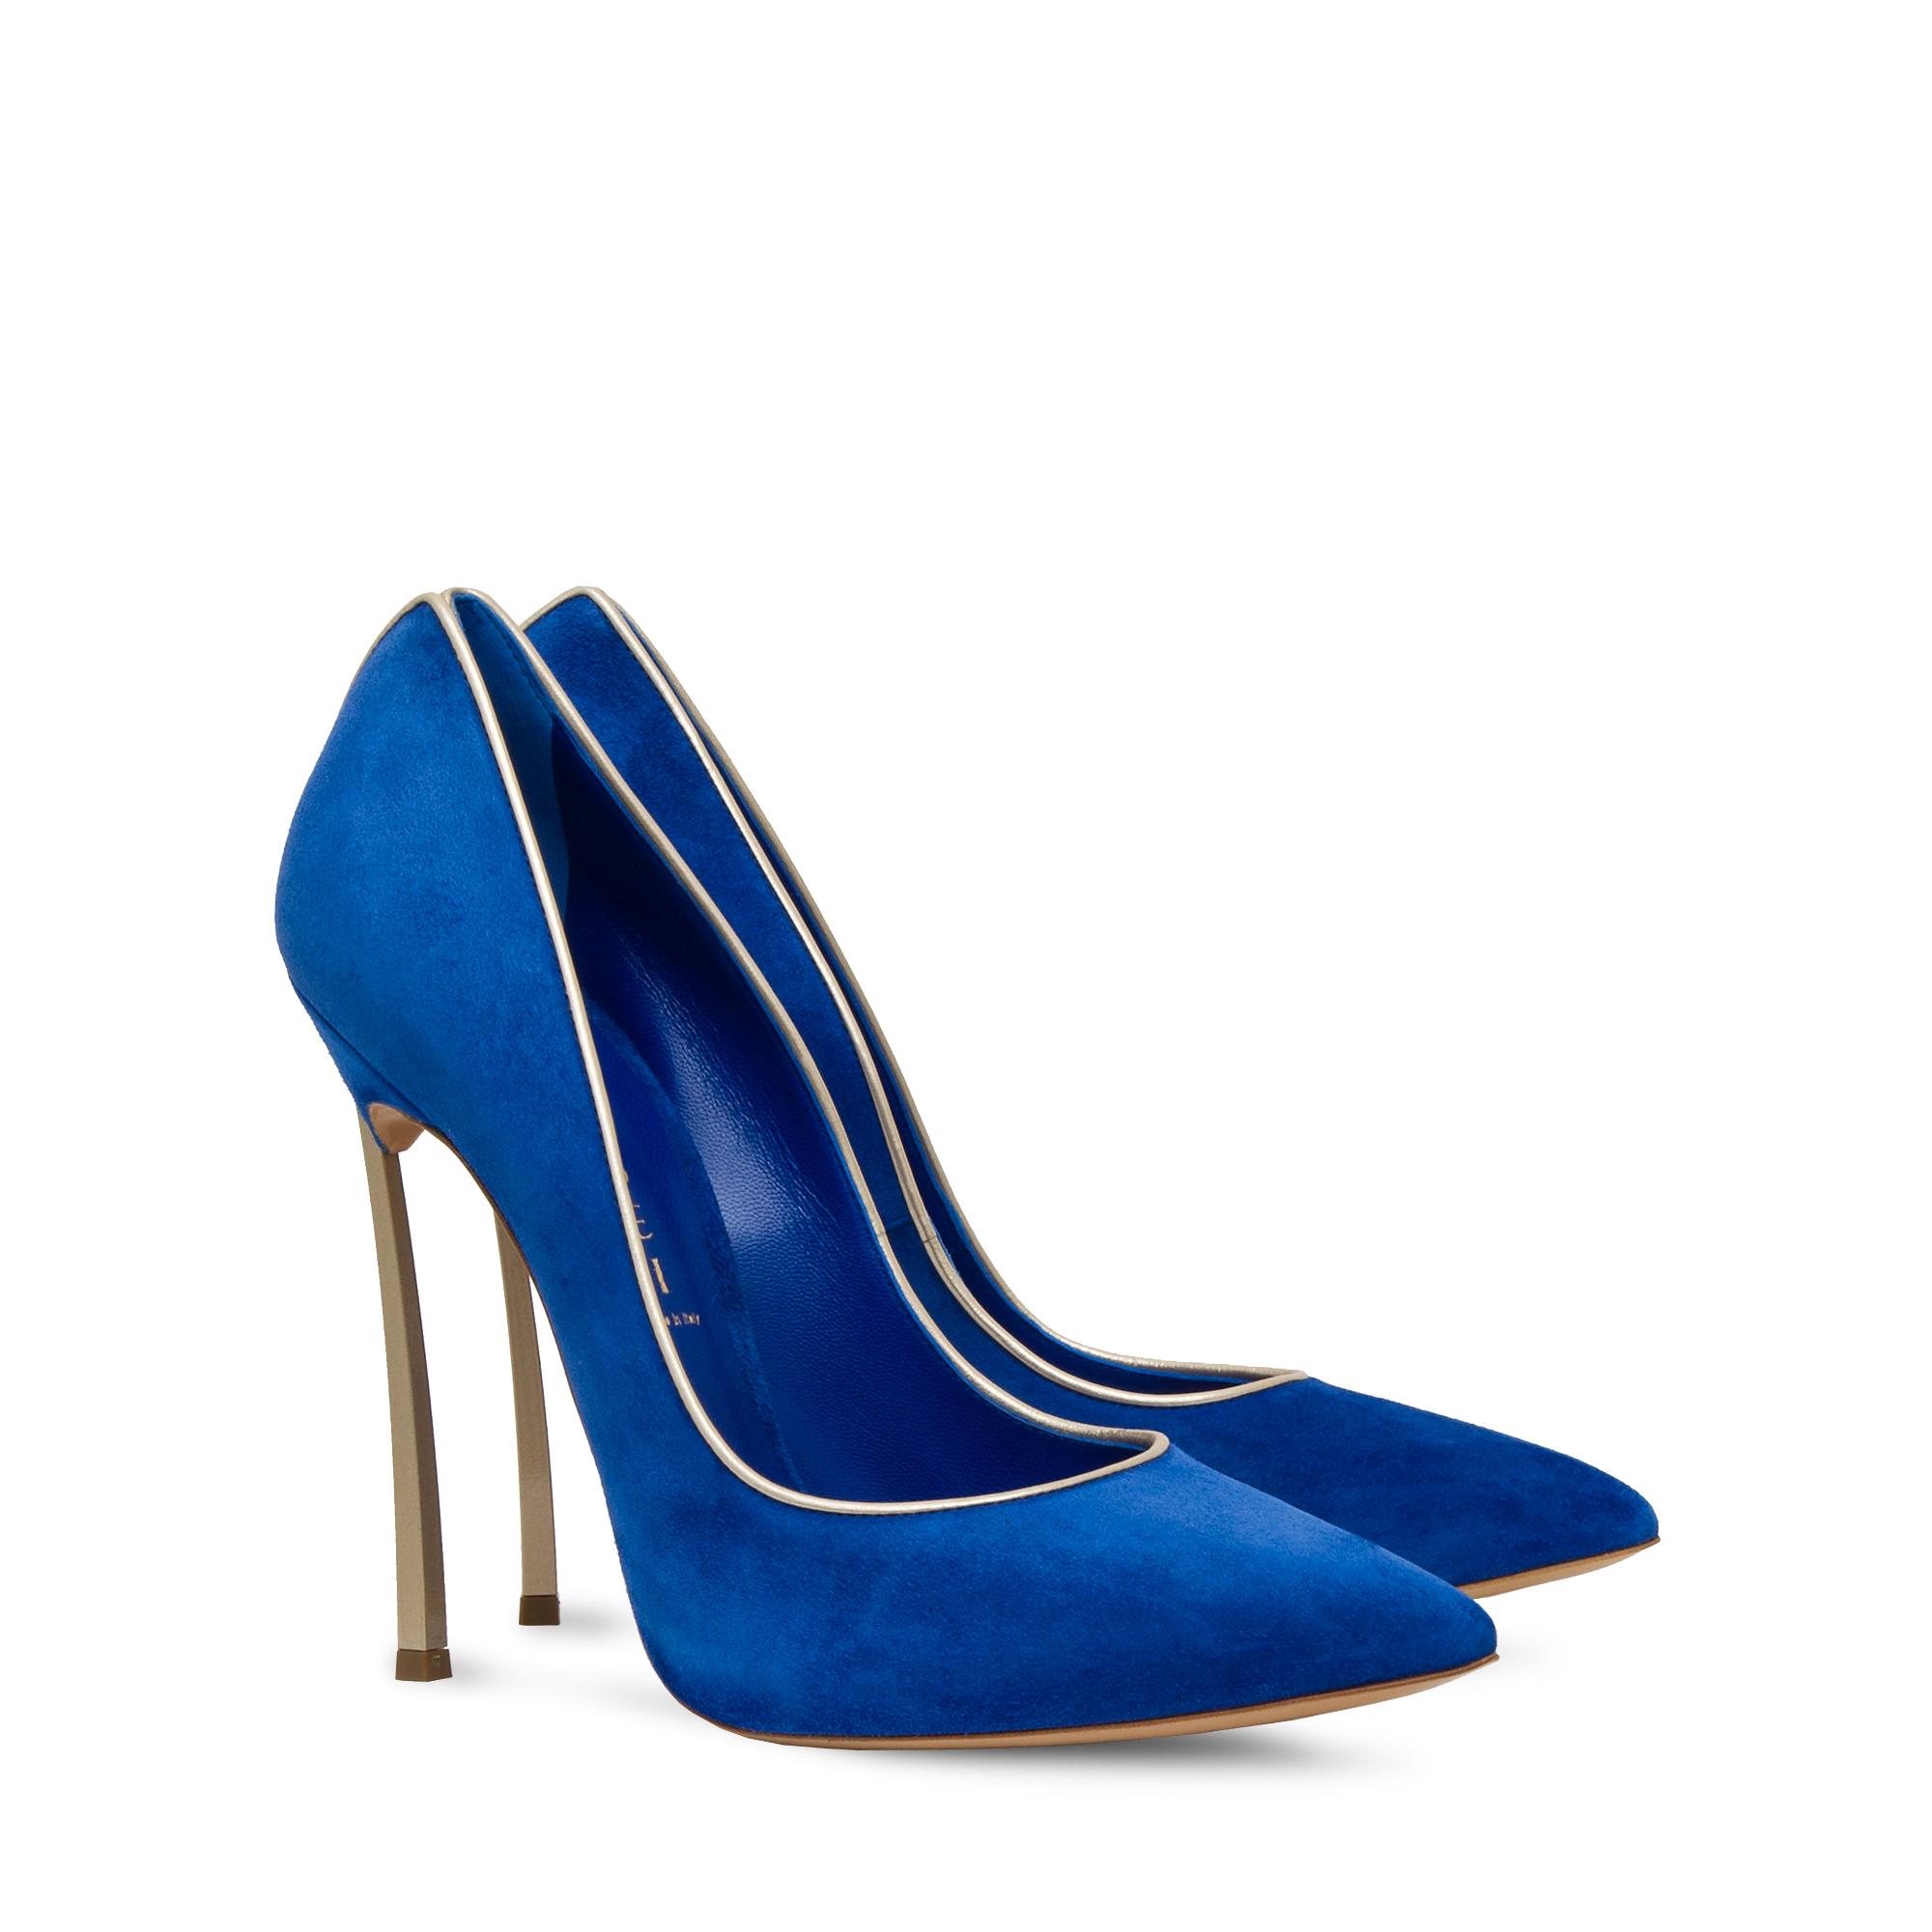 Картинки туфлей синего цвета